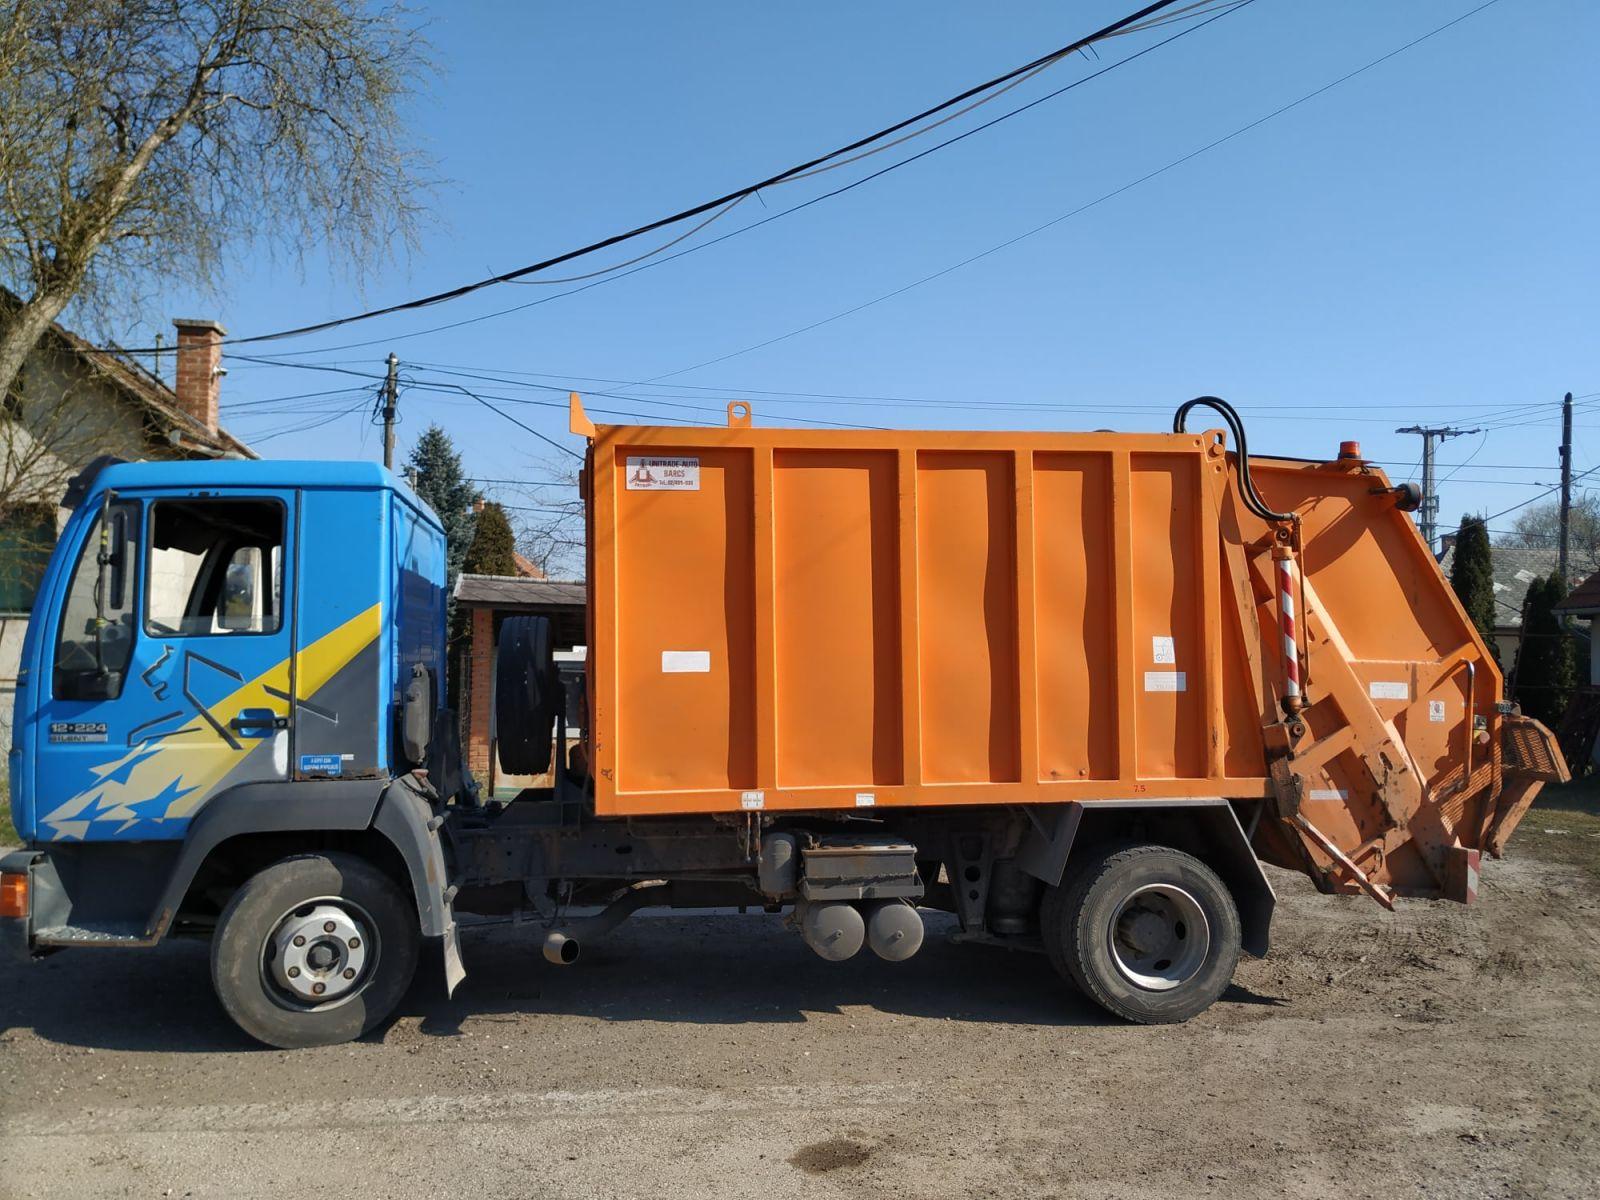 Ünnepnap miatt változik a kommunális hulladékszállítás időpontja